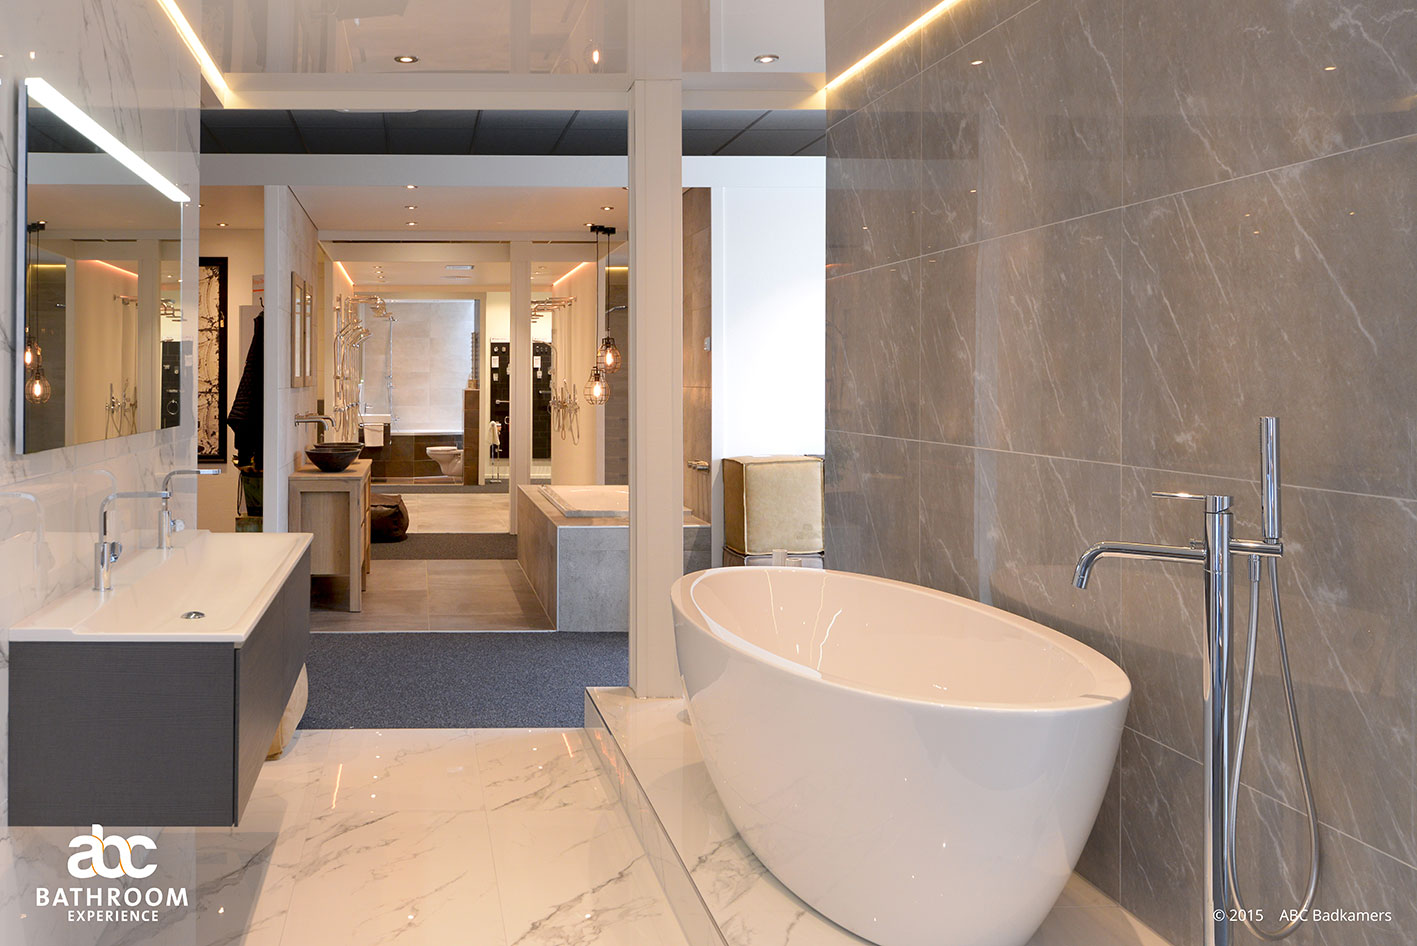 Badkamer Showroom Zutphen – devolonter.info